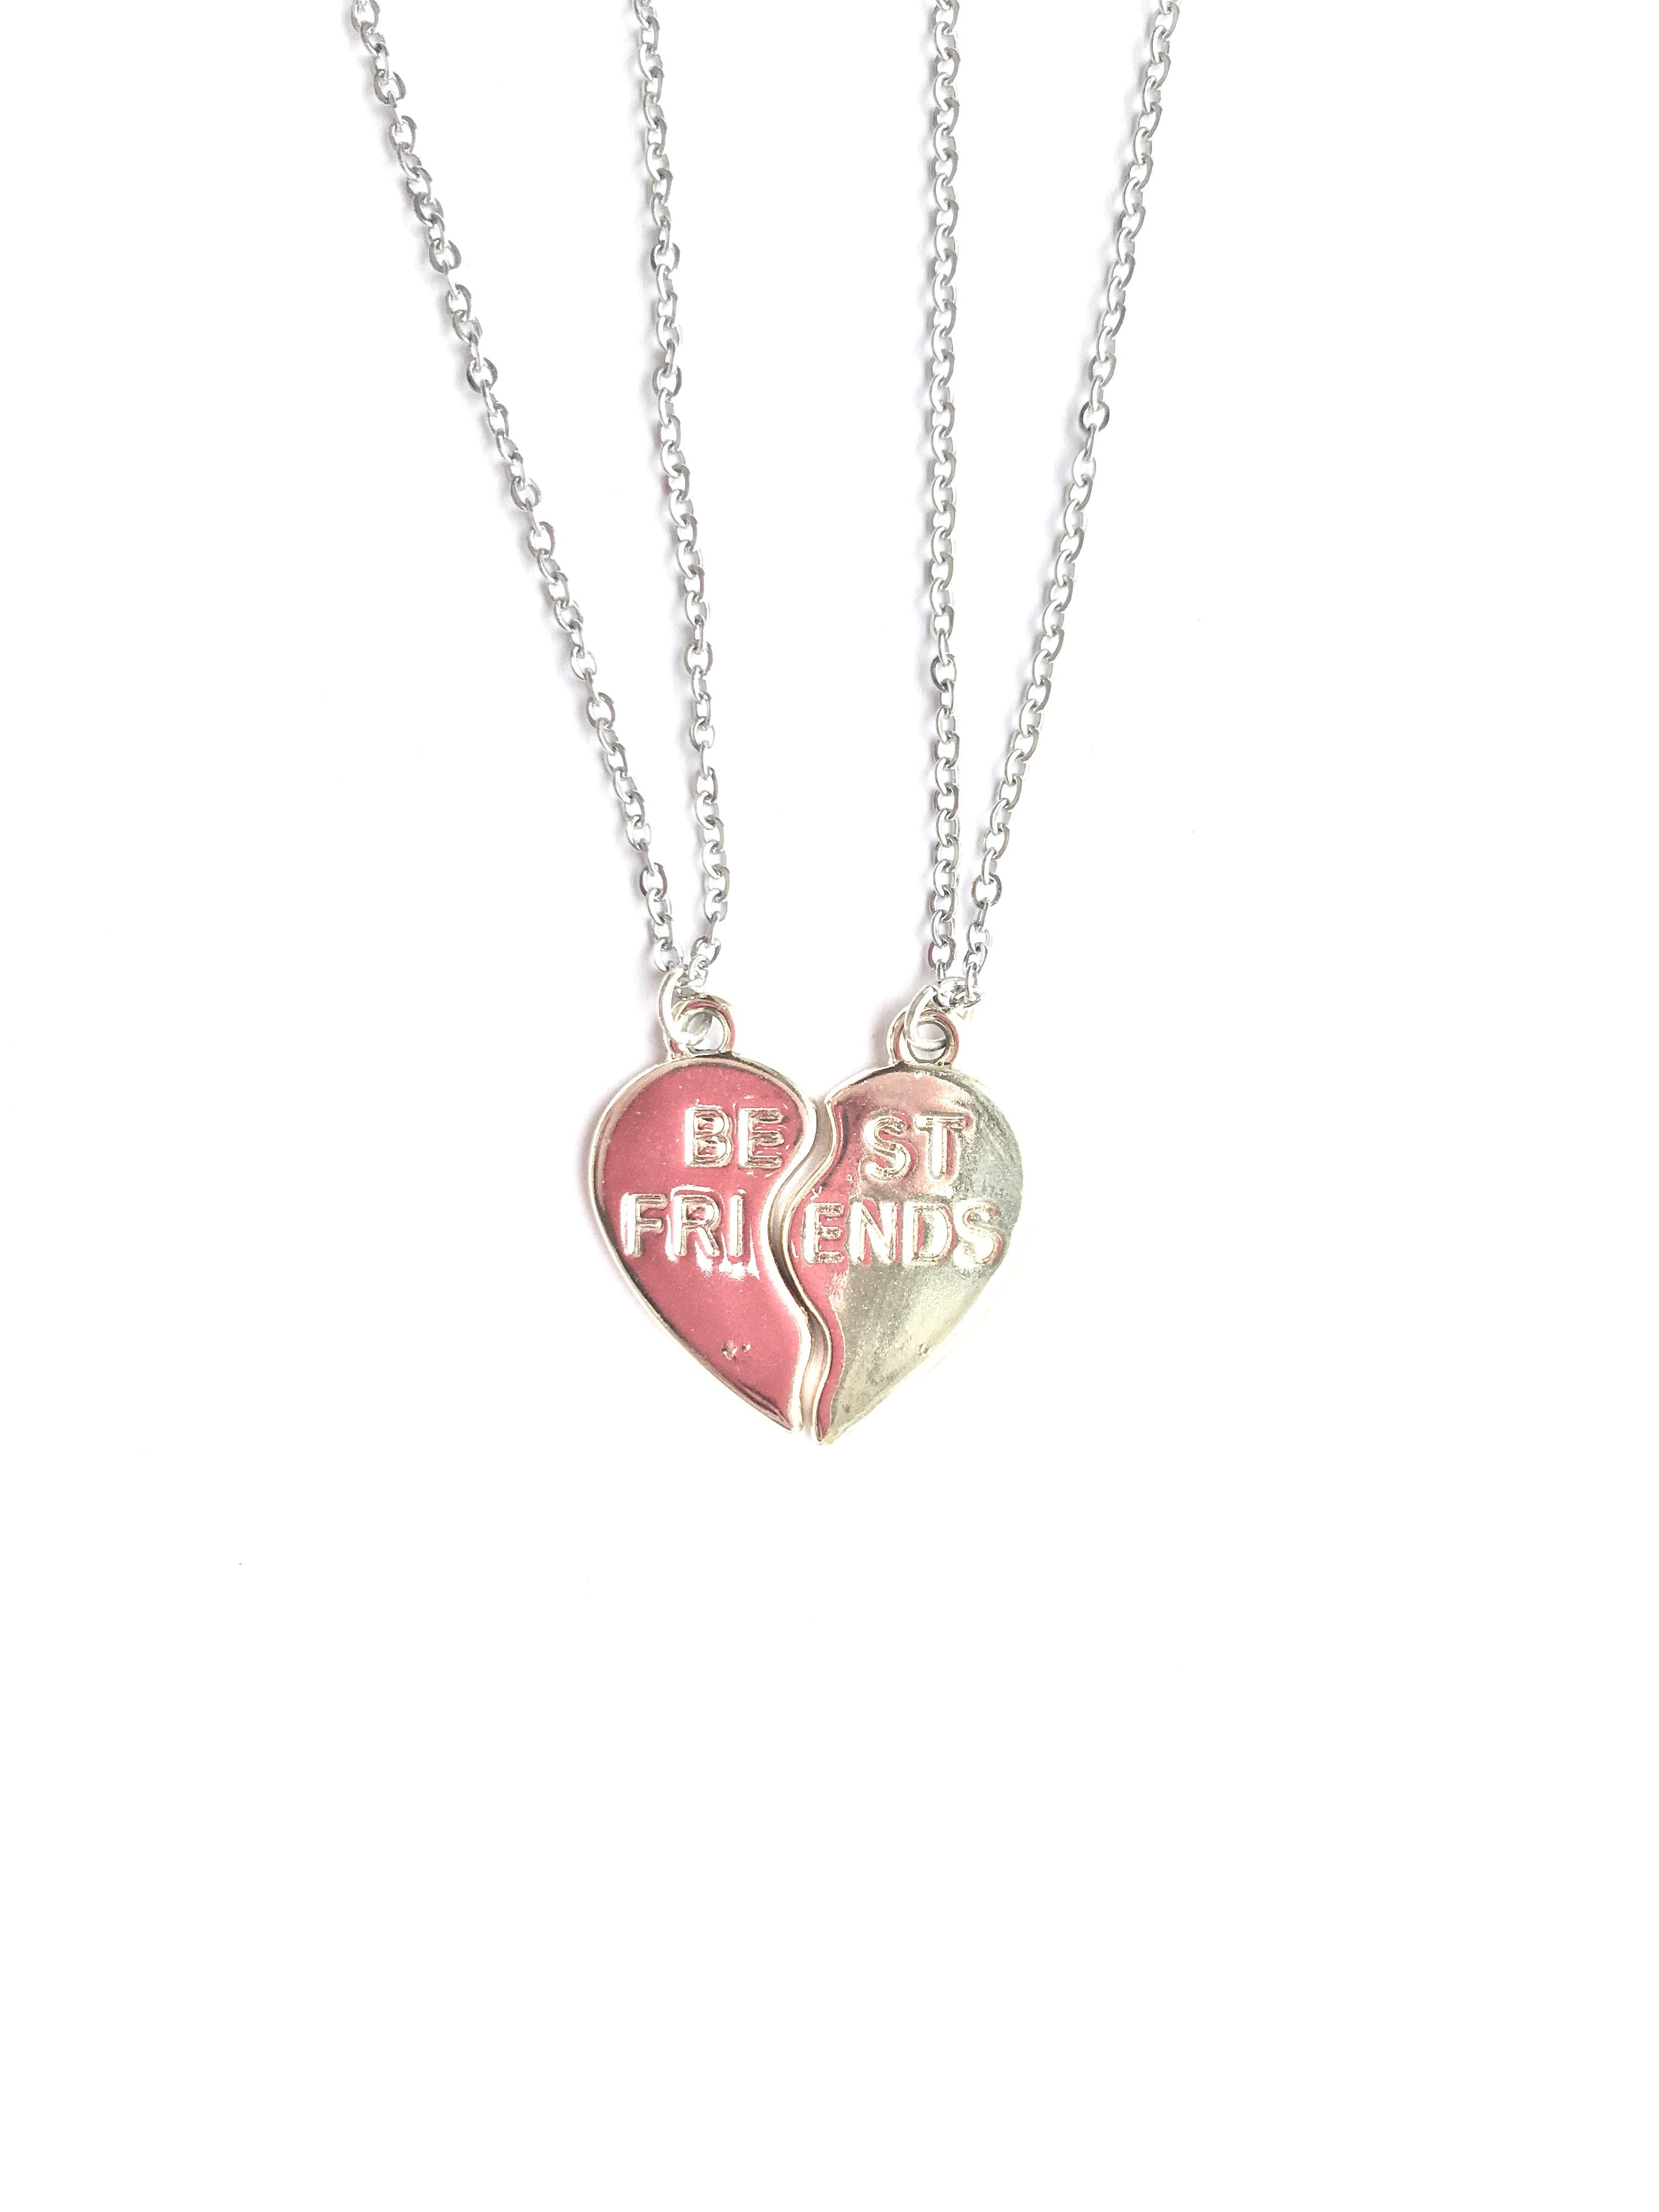 7a9bbc4d87 Best Friend Necklaces - This Material Culture - Heart Best Friend ...